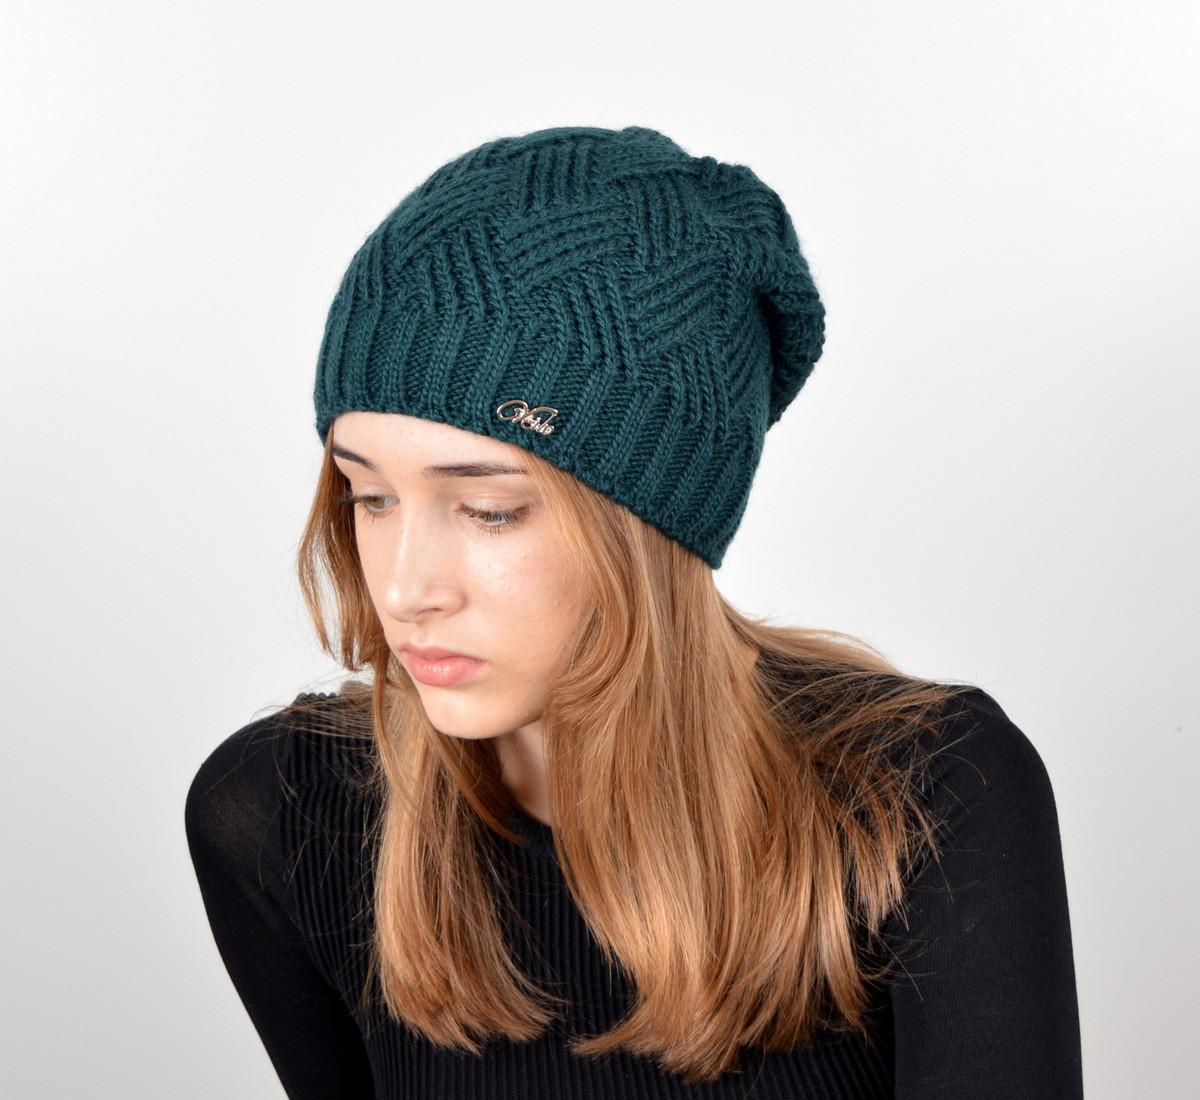 вязаная женская шапка Nora в категории шапки на Biglua